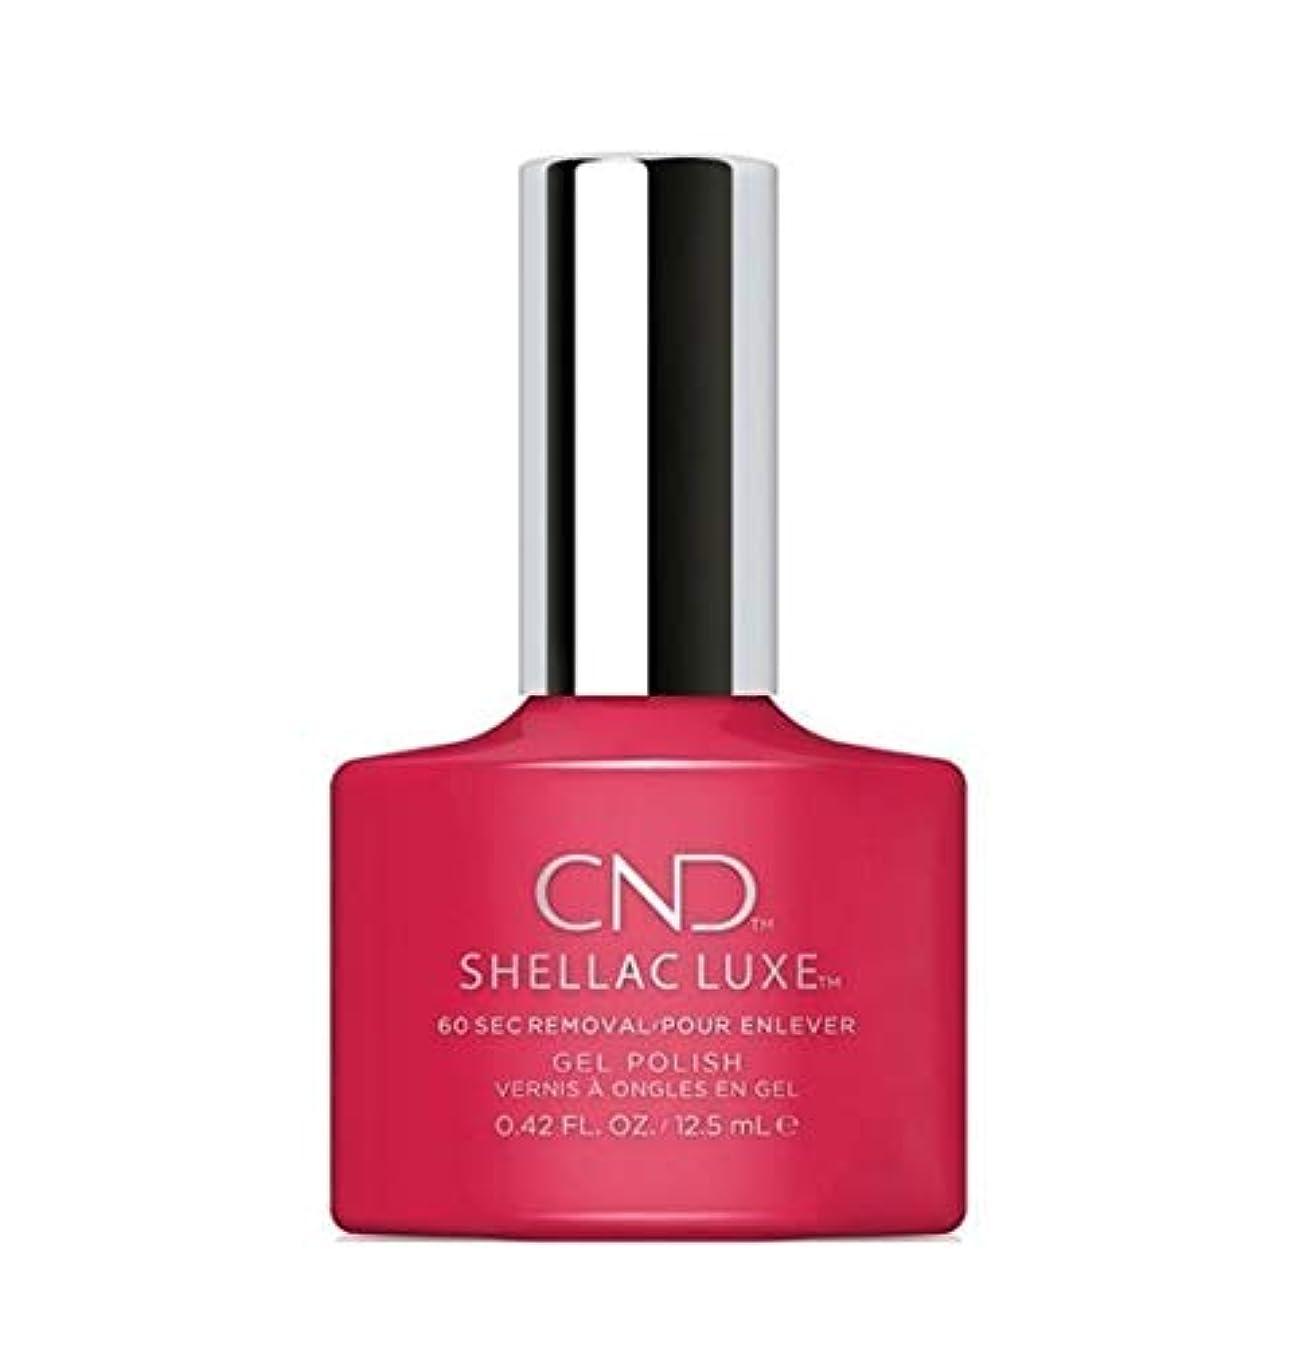 リップ申し込む切り下げCND Shellac Luxe - Femme Fatale - 12.5 ml / 0.42 oz